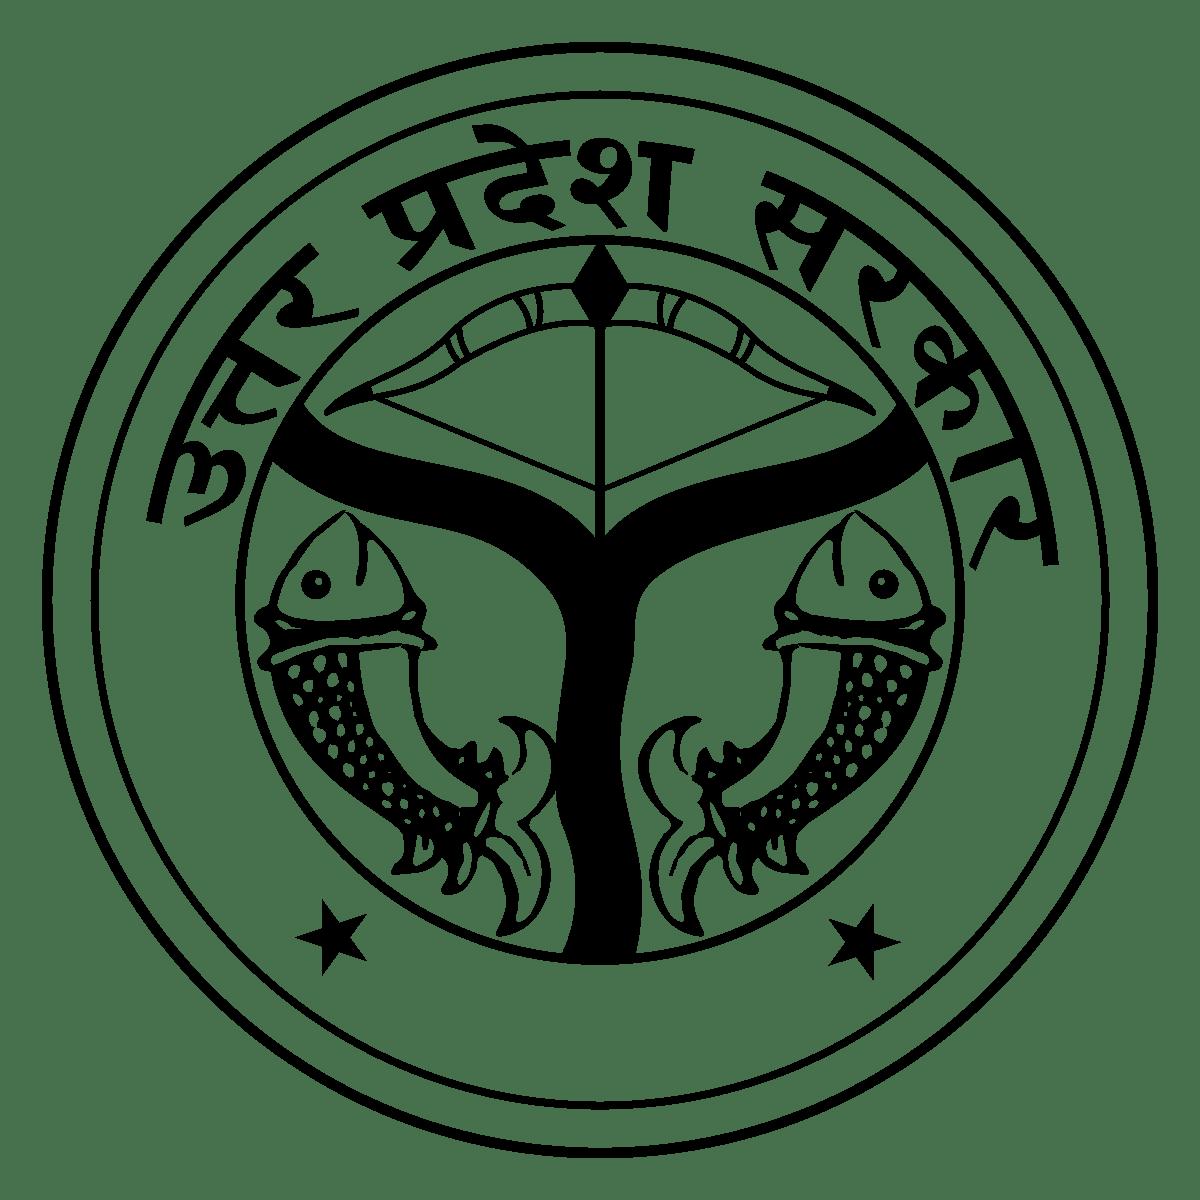 मेरठ के 91 हजार 584 श्रमिकों के खातों में भेजे गए 01-01 हजार रुपए